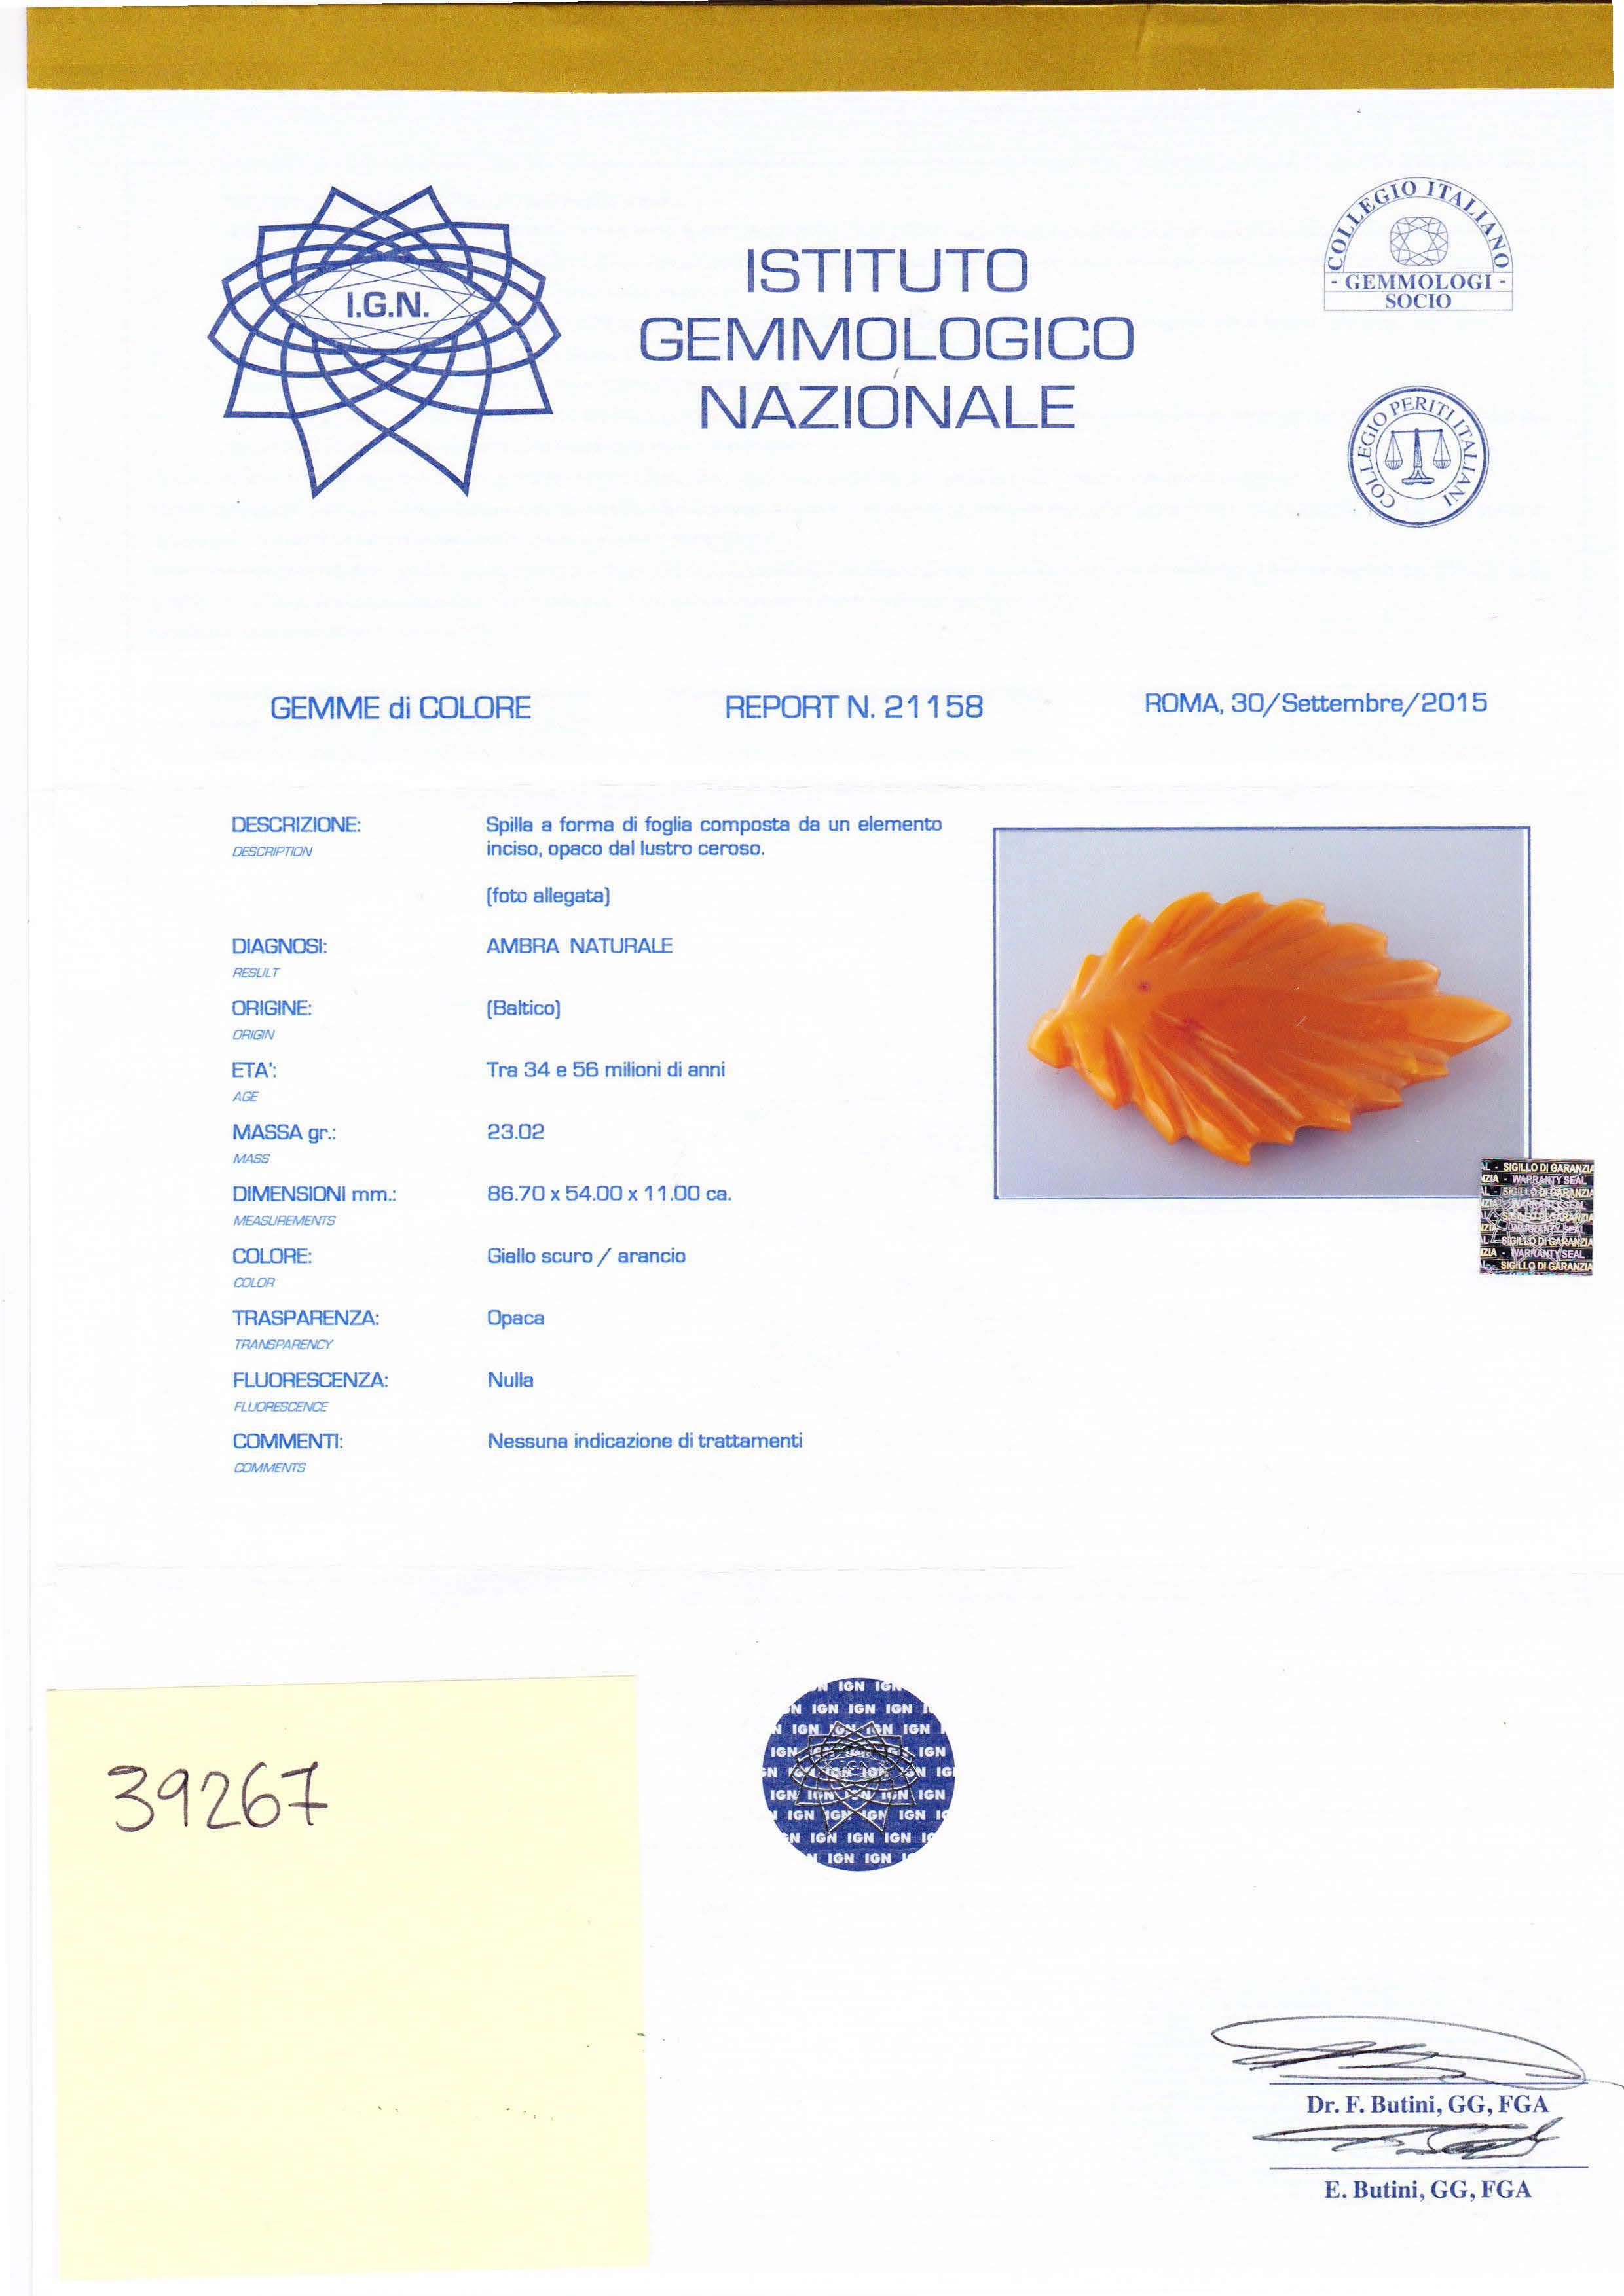 Spilla a forma di foglia in ambra naturale